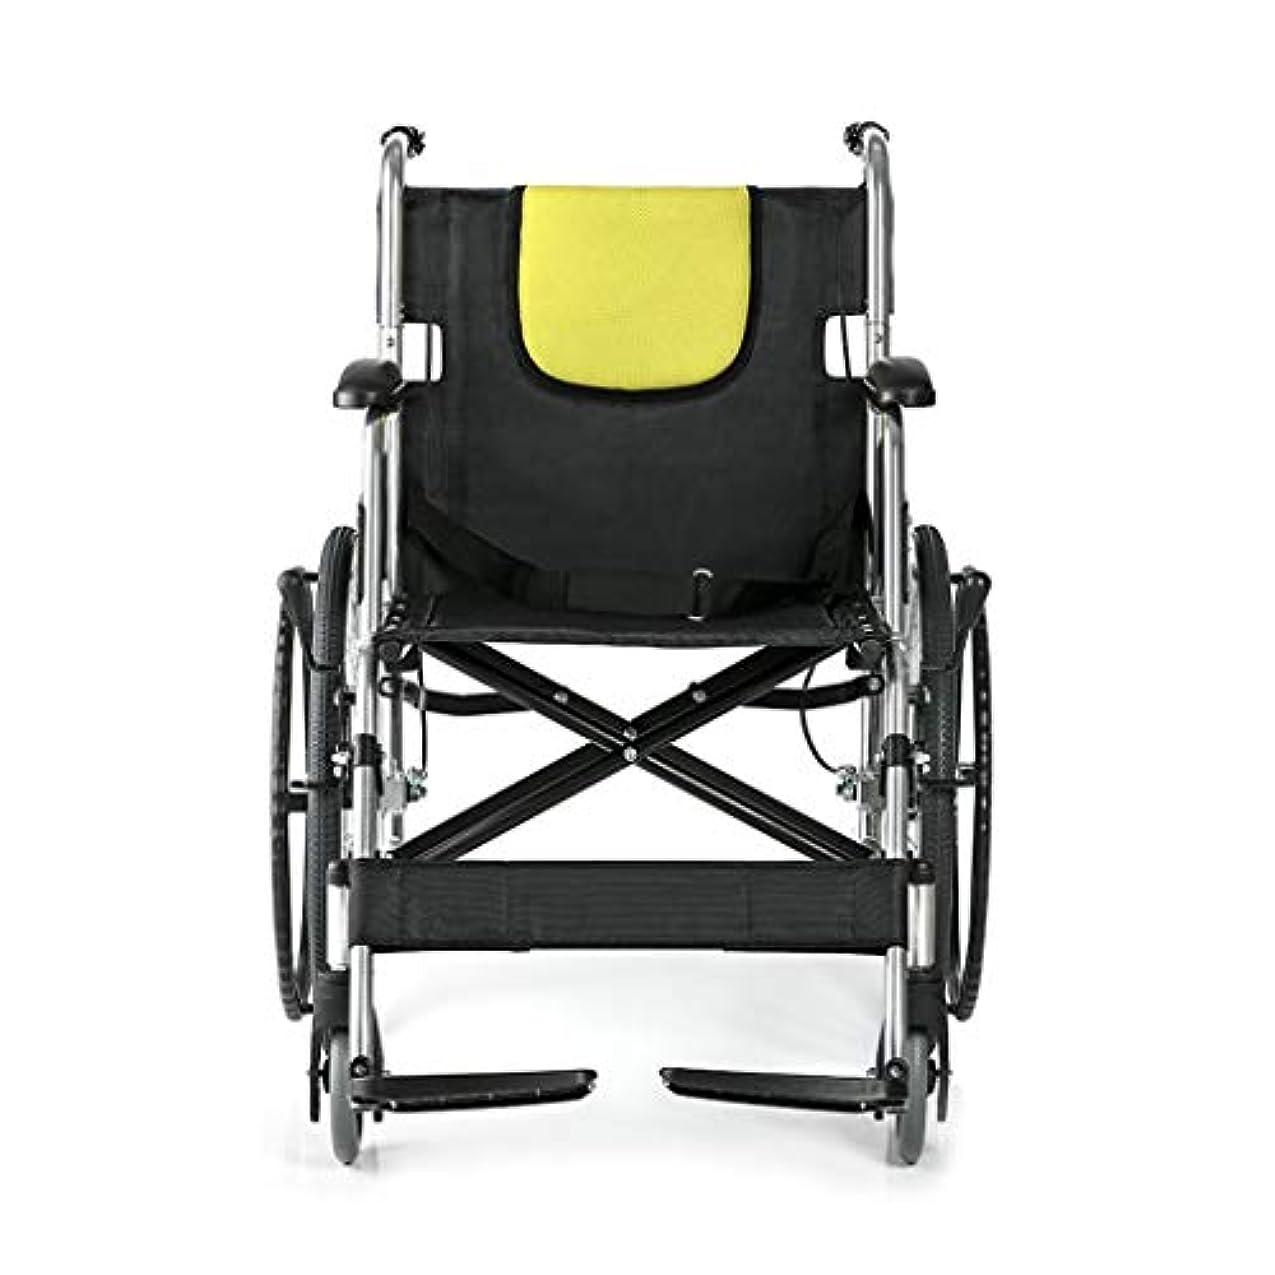 テナント超音速主権者車椅子の老人は折り畳むことができ、障害者、高齢者、リハビリテーション患者向けの車椅子用に4つのブレーキが設計されています